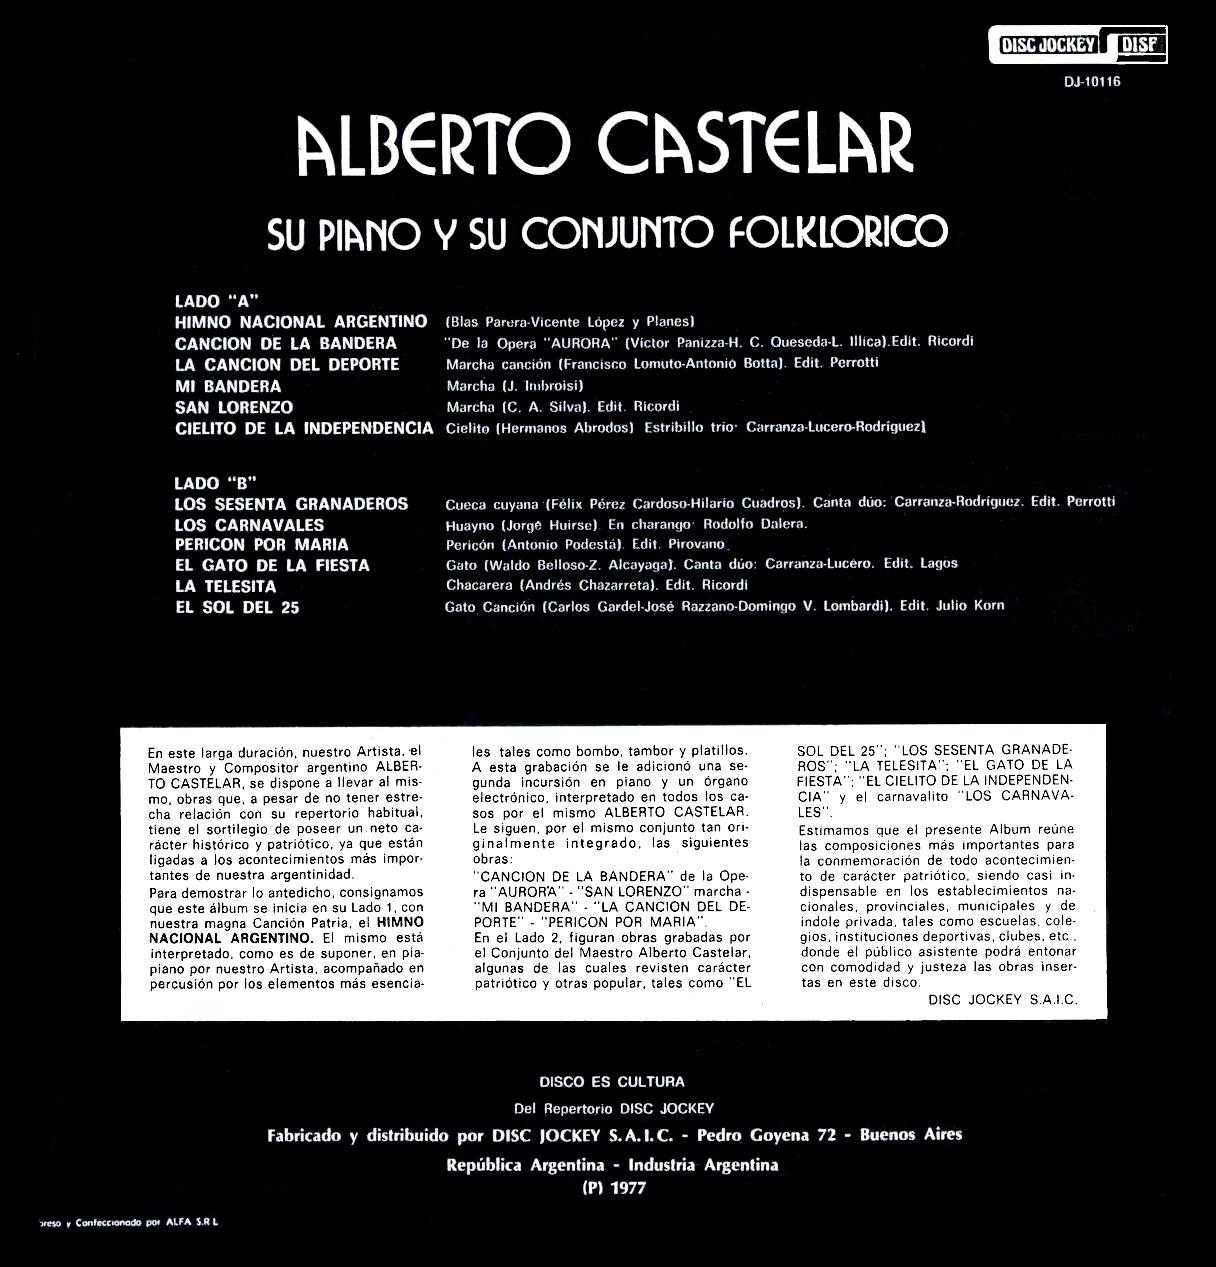 Alberto Castelar - Y Nuestras Danzas - Alberto Castelar And Argentine Folk Dances